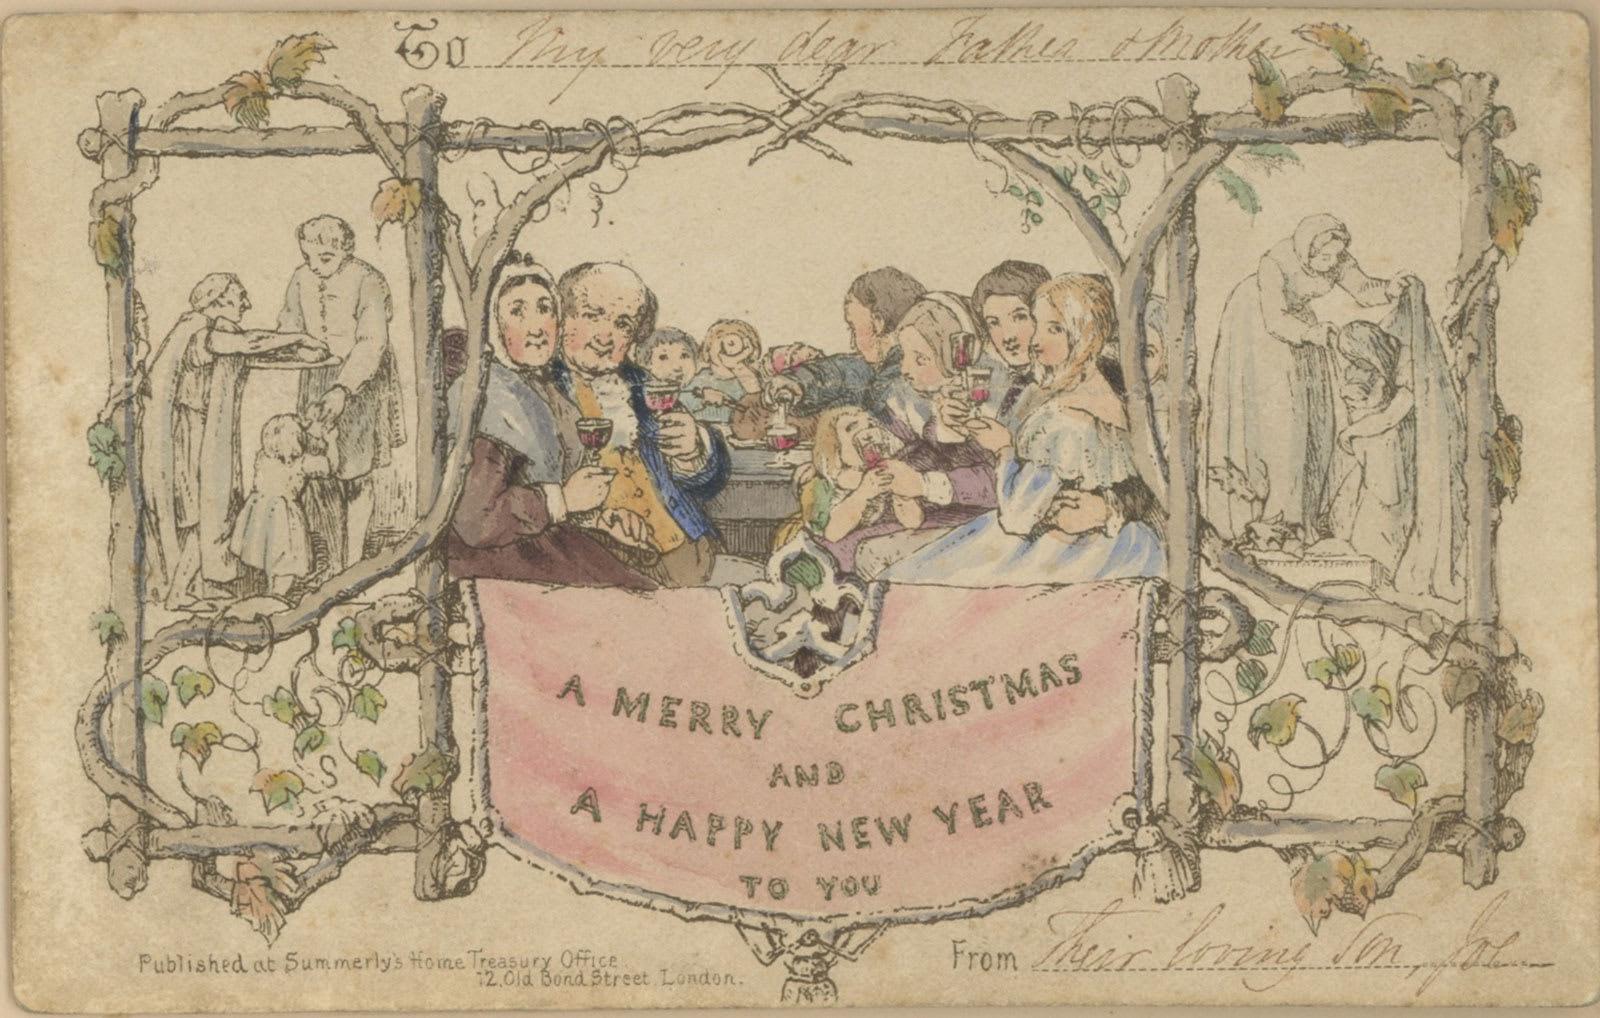 كيف بدت أول بطاقة معايدة مطبوعة لعيد الميلاد في العالم؟